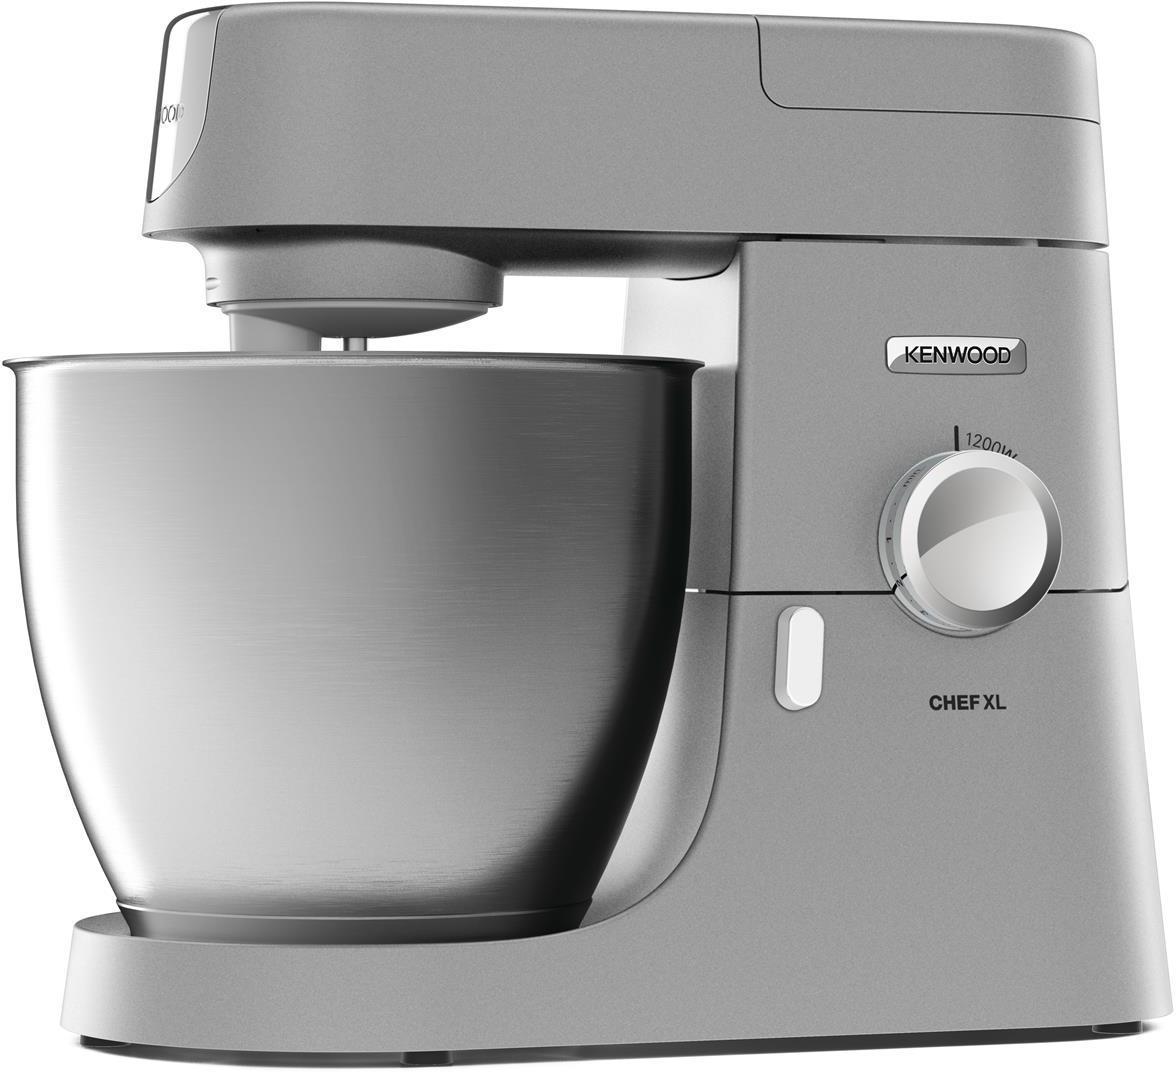 Enorm Best pris på kjøkkenmaskin - Se priser før kjøp i Prisguiden BS-96